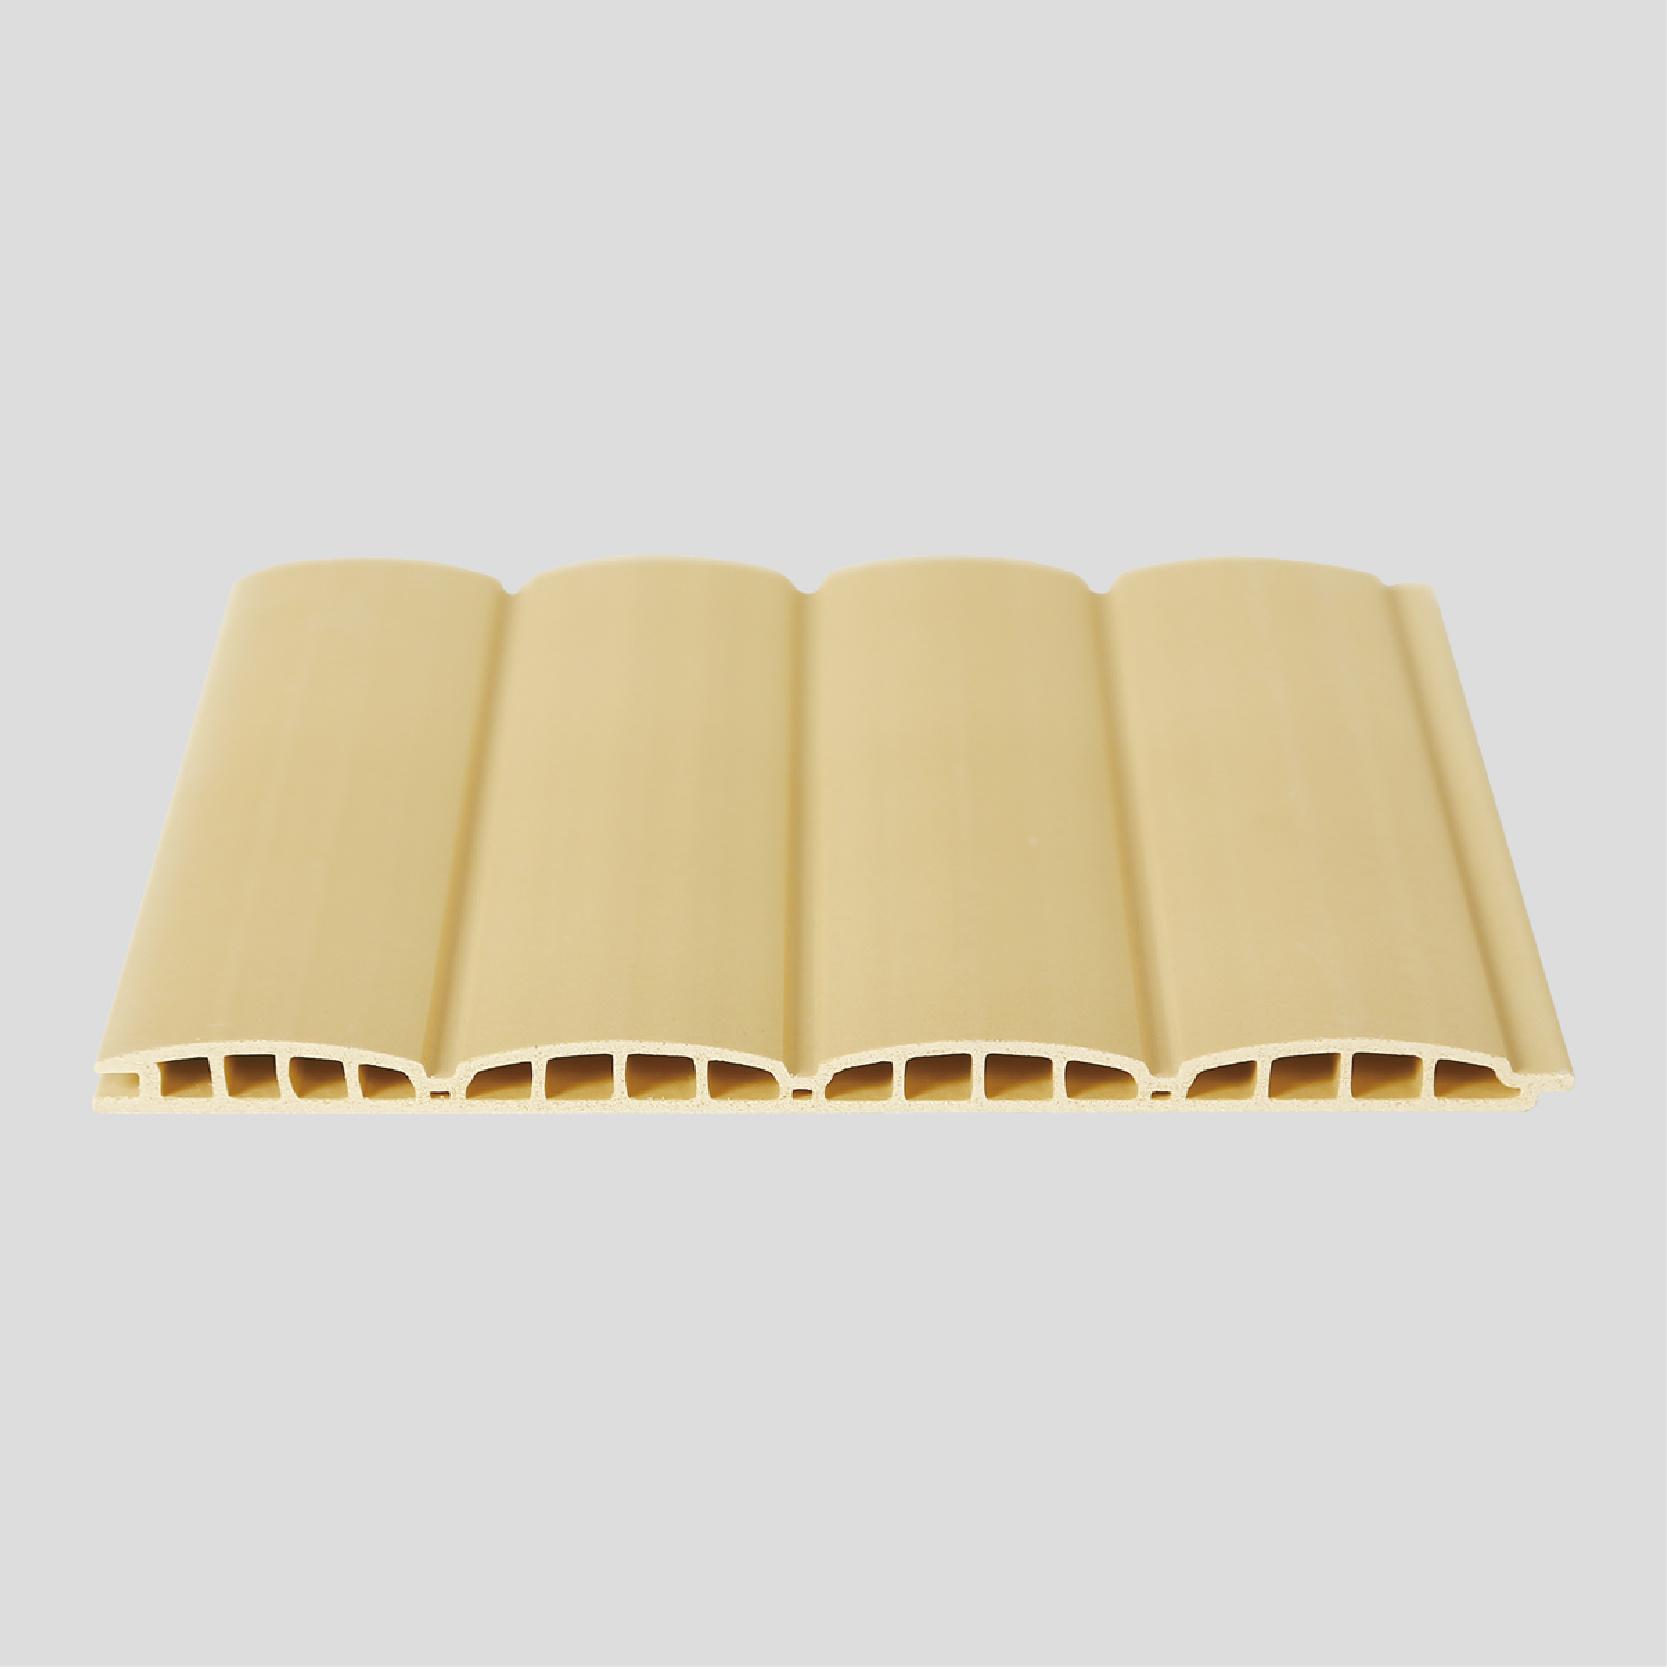 Waterproof No Formaldehyde WPC Material Wardrobe Sliding Door Panel (PB-170)